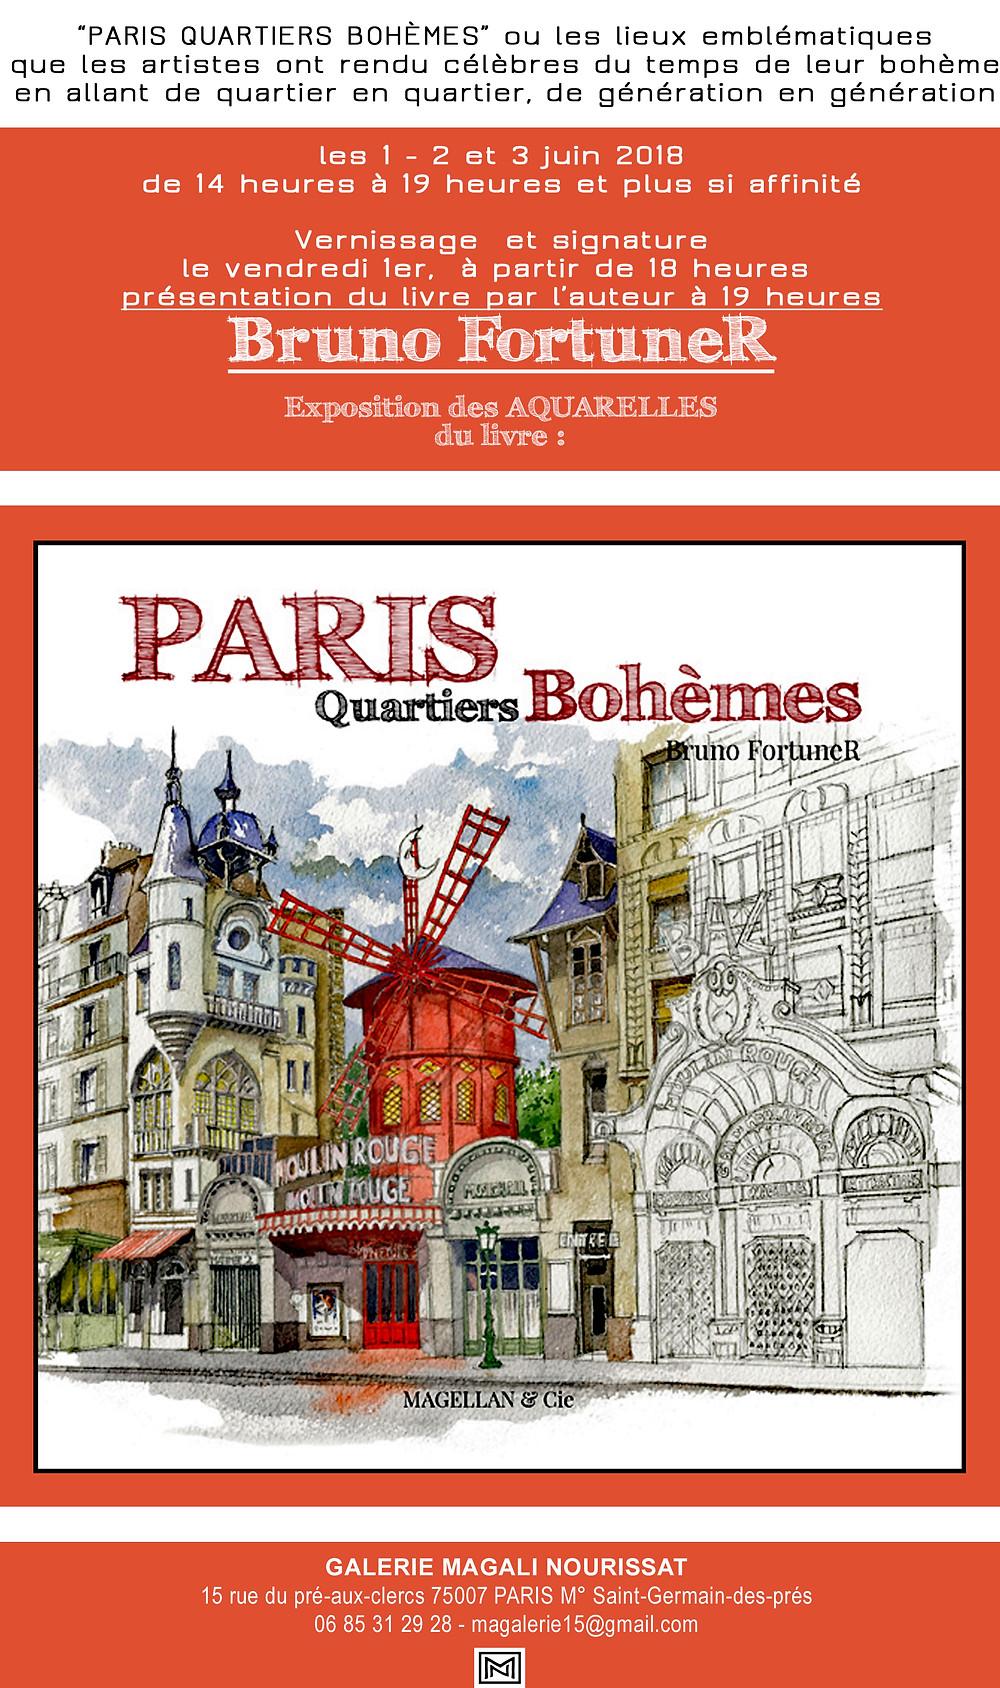 15 rue du Pré-aux Clercs. Métro Saint-Germain-des-prés